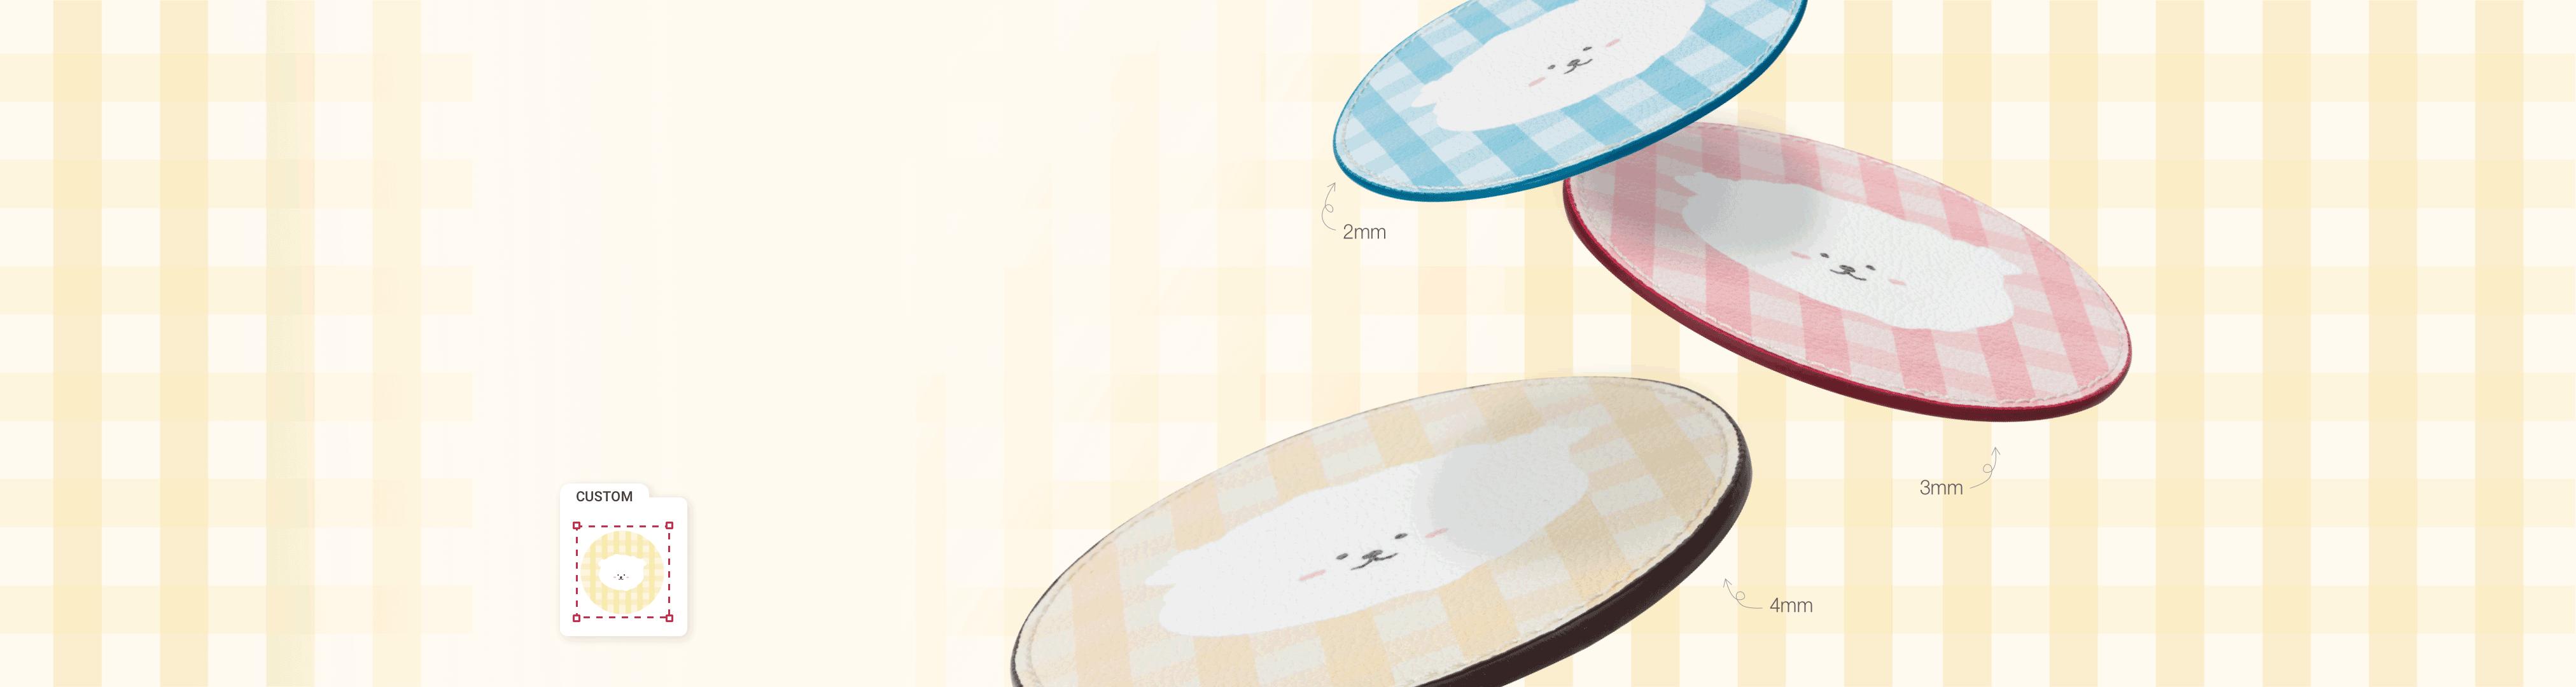 레드프린팅 | 레더코스터 두께 업데이트